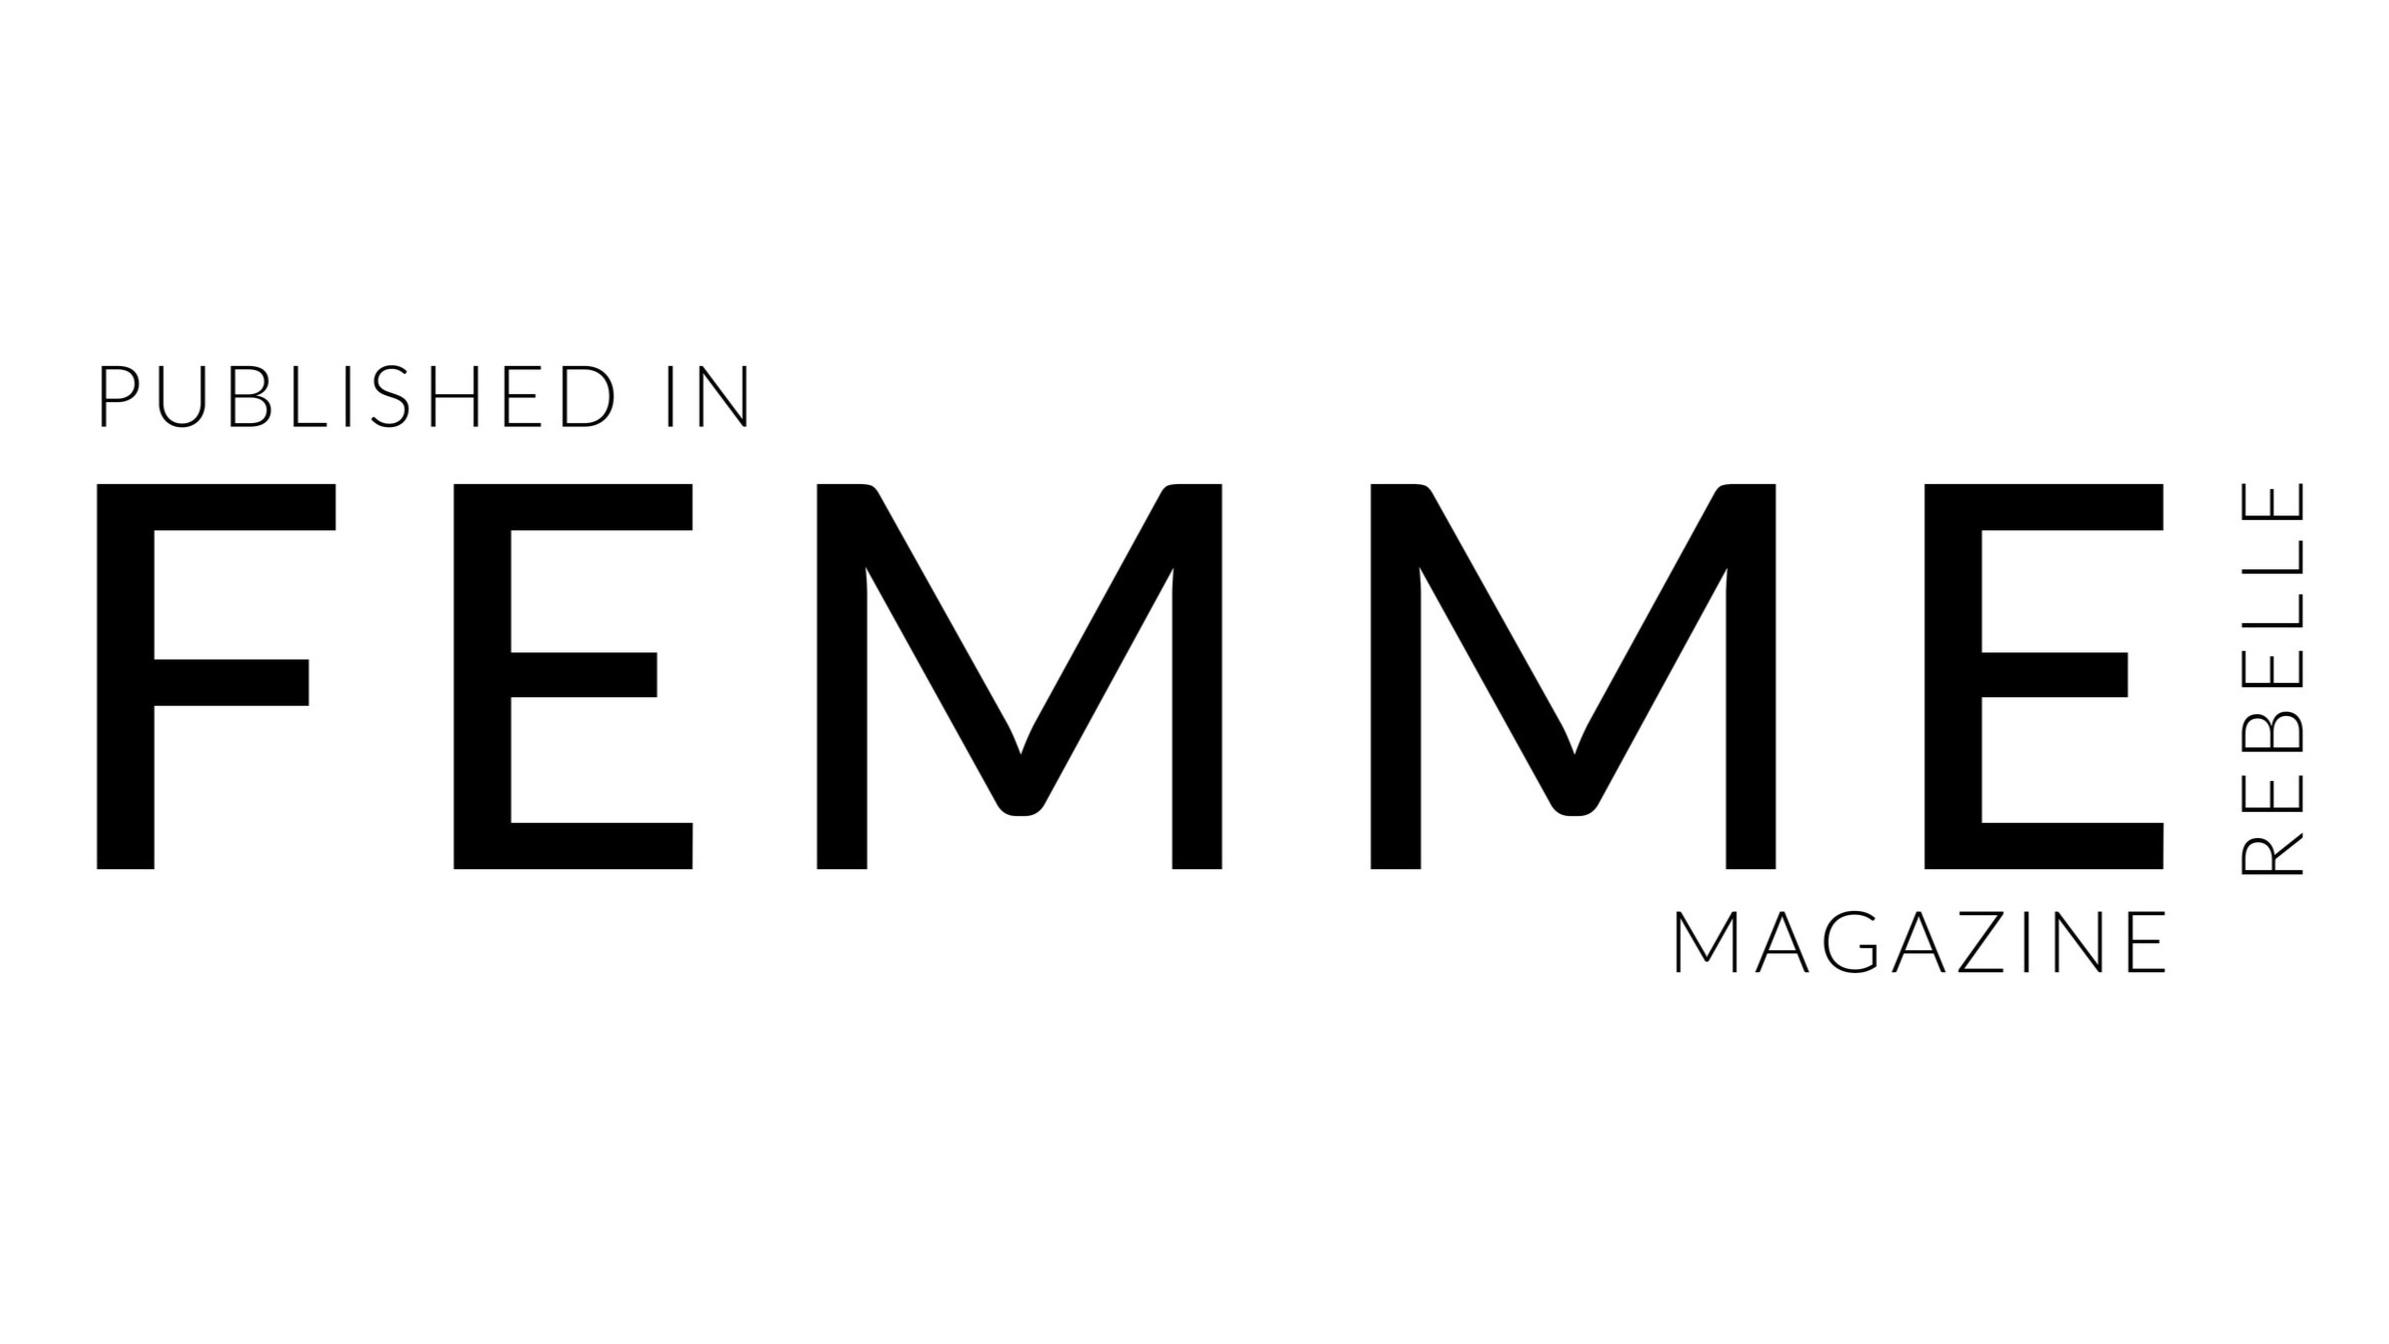 FEMME .jpg